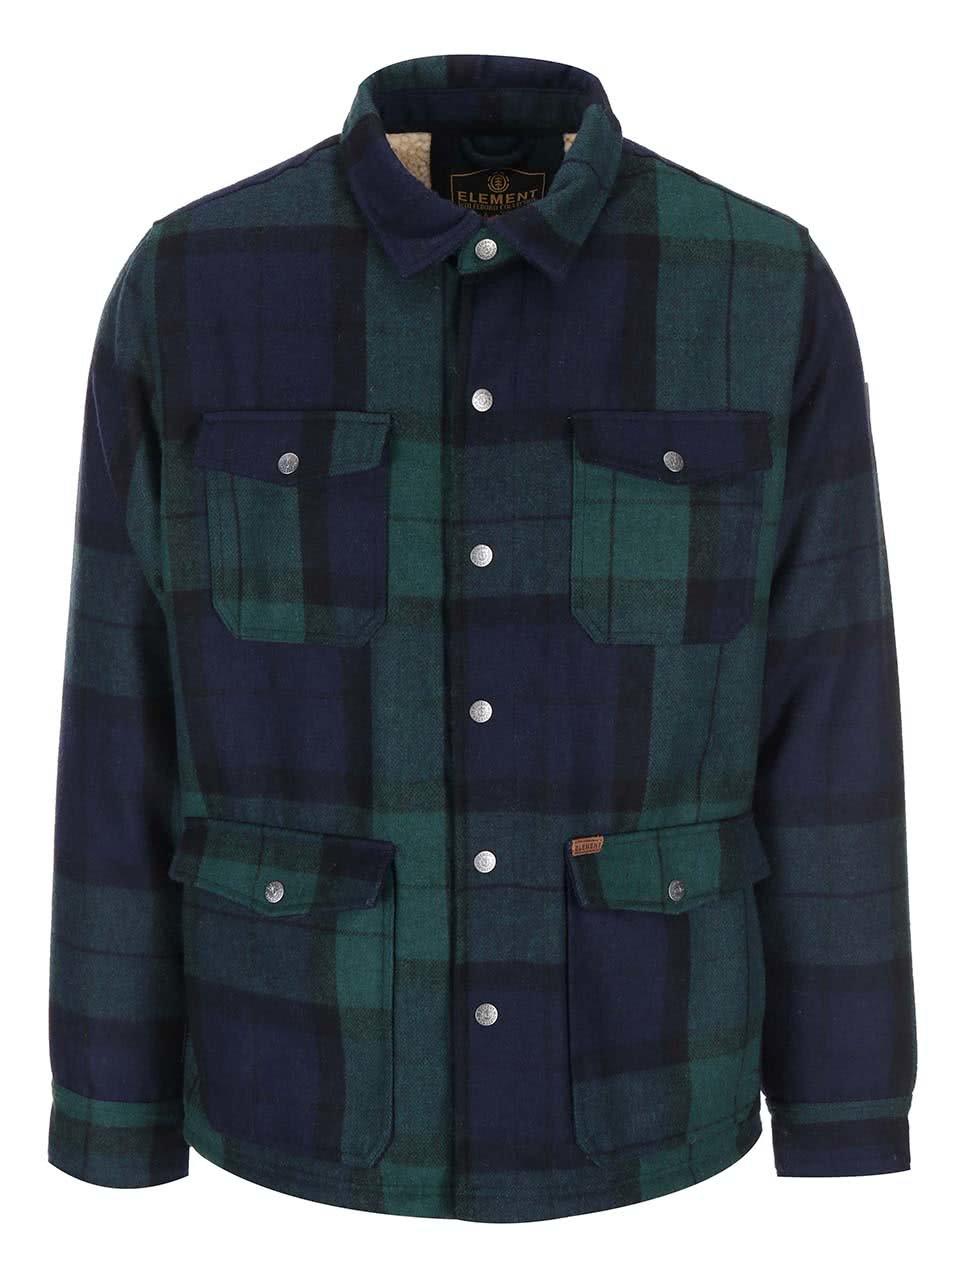 Modro-zelená kostkovaná zimní bunda s kapsami Element Belton